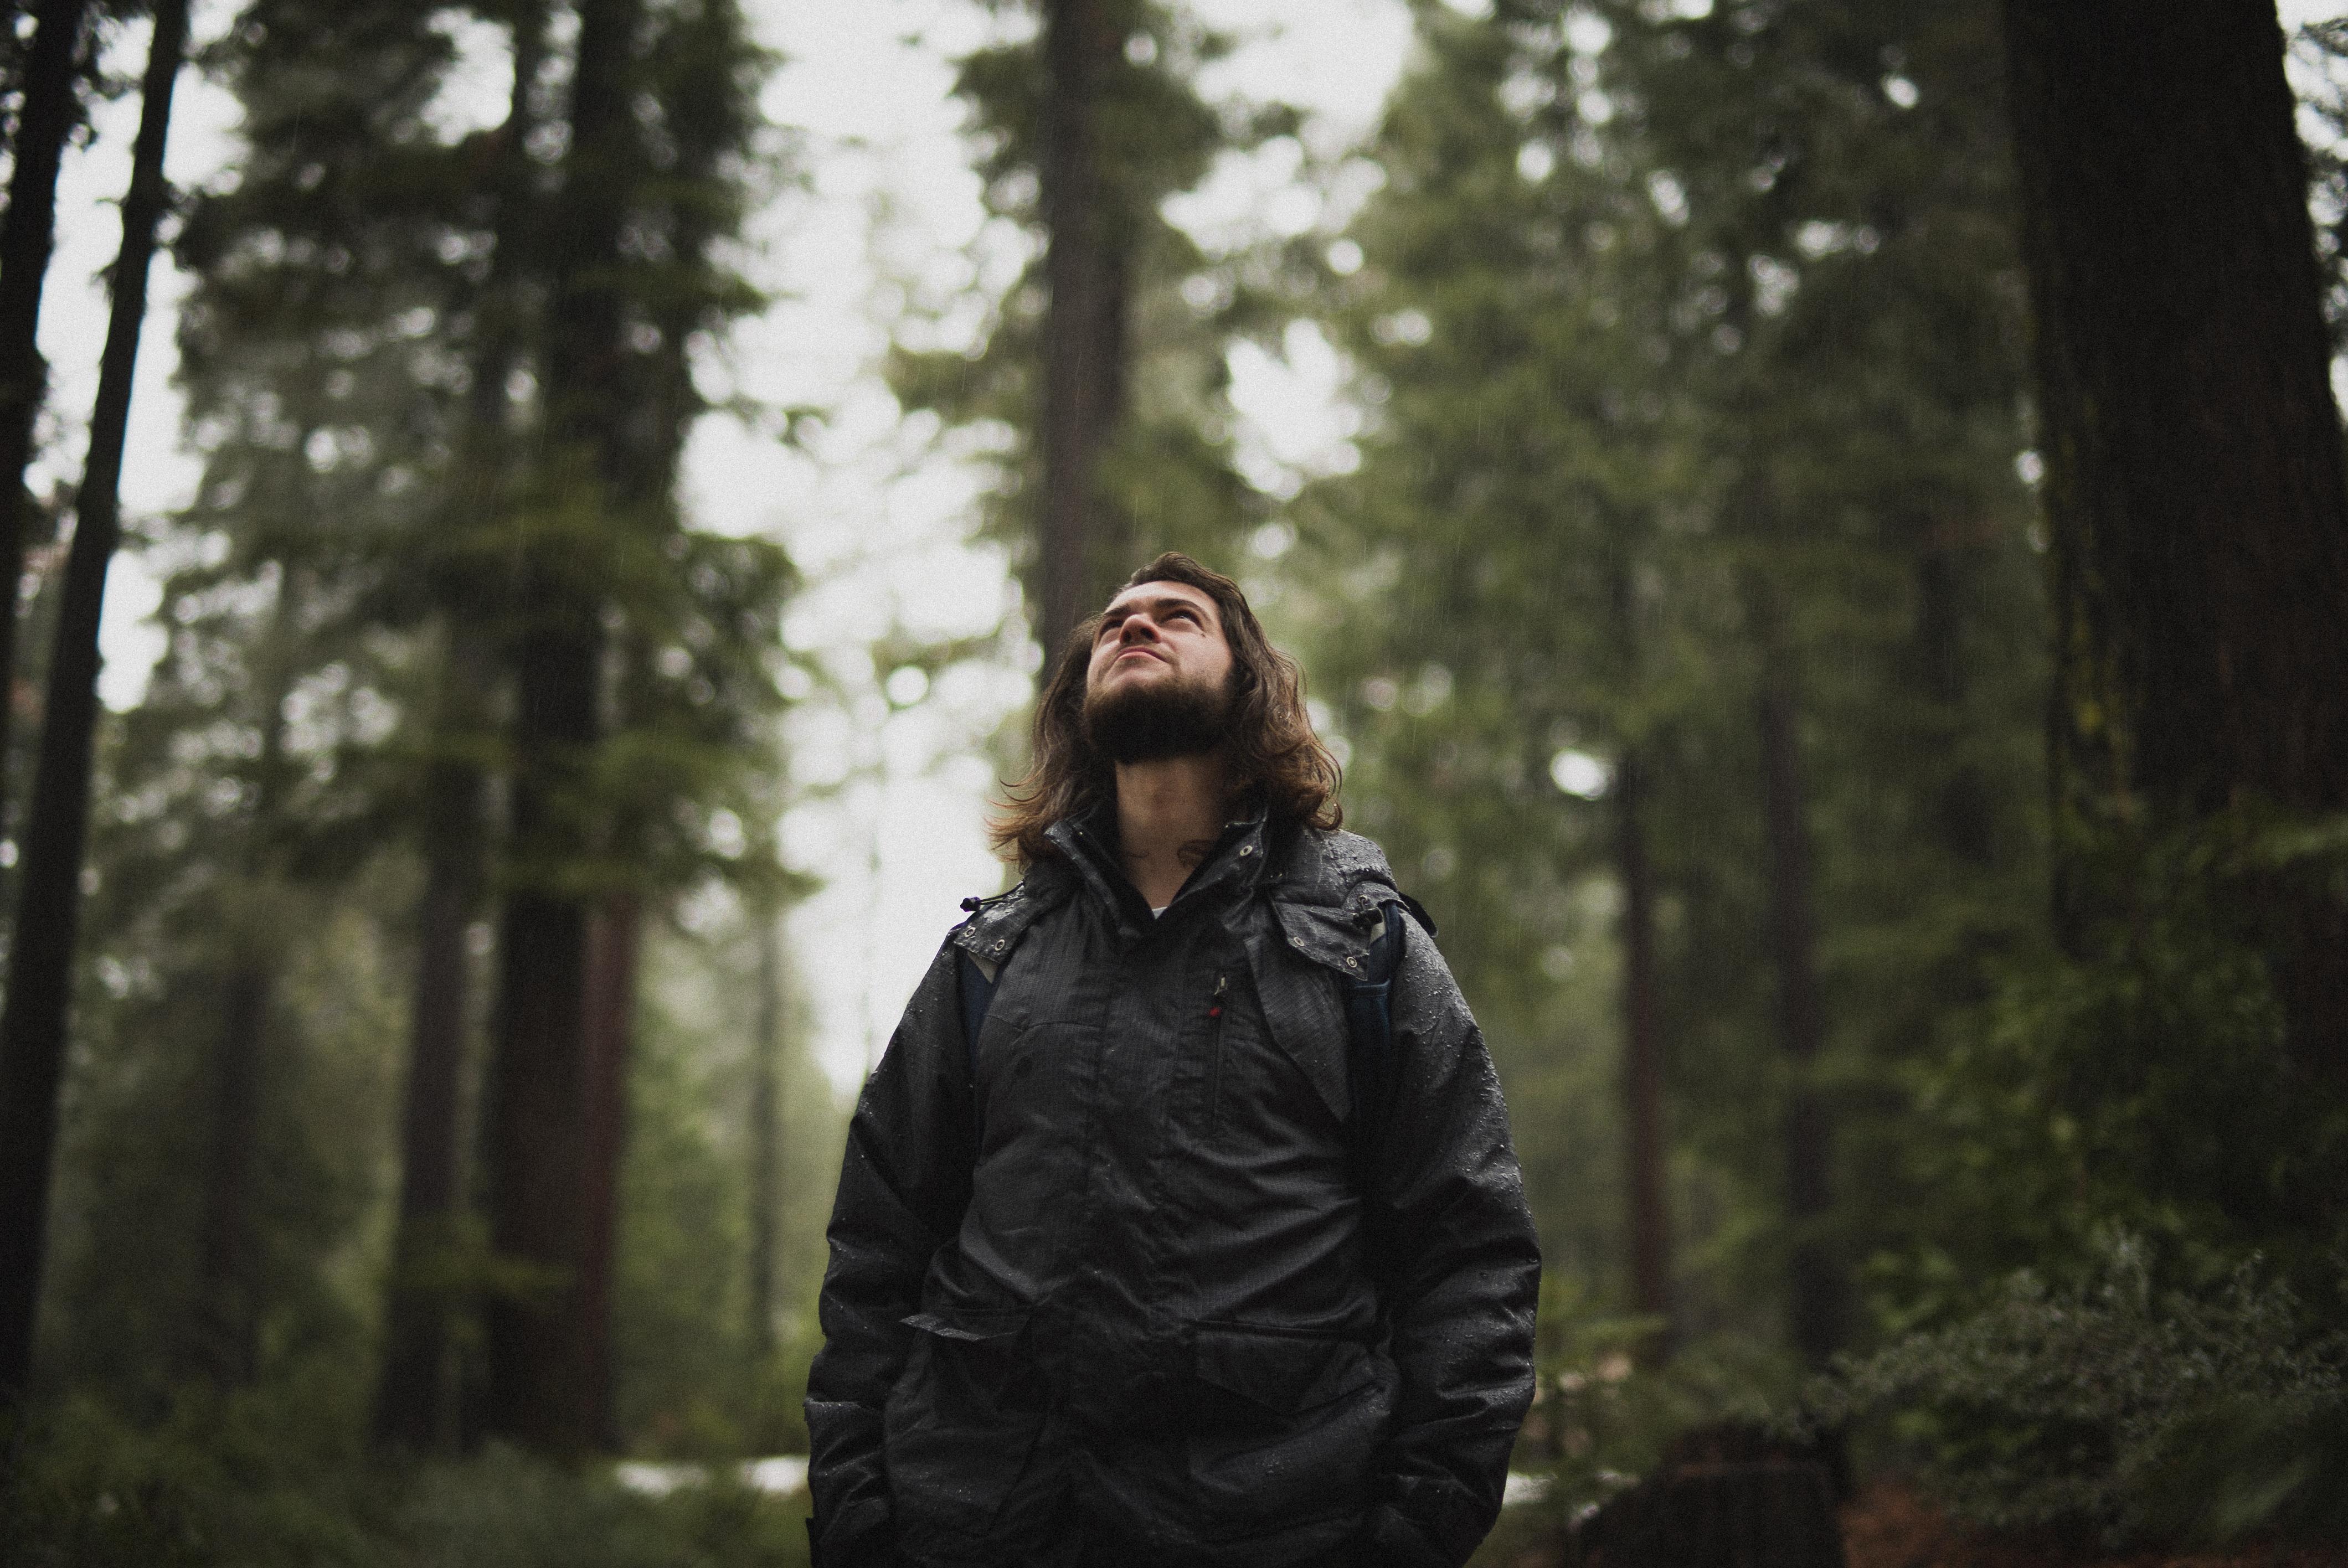 несложным мужчина в лесу картинки бугаев доволен